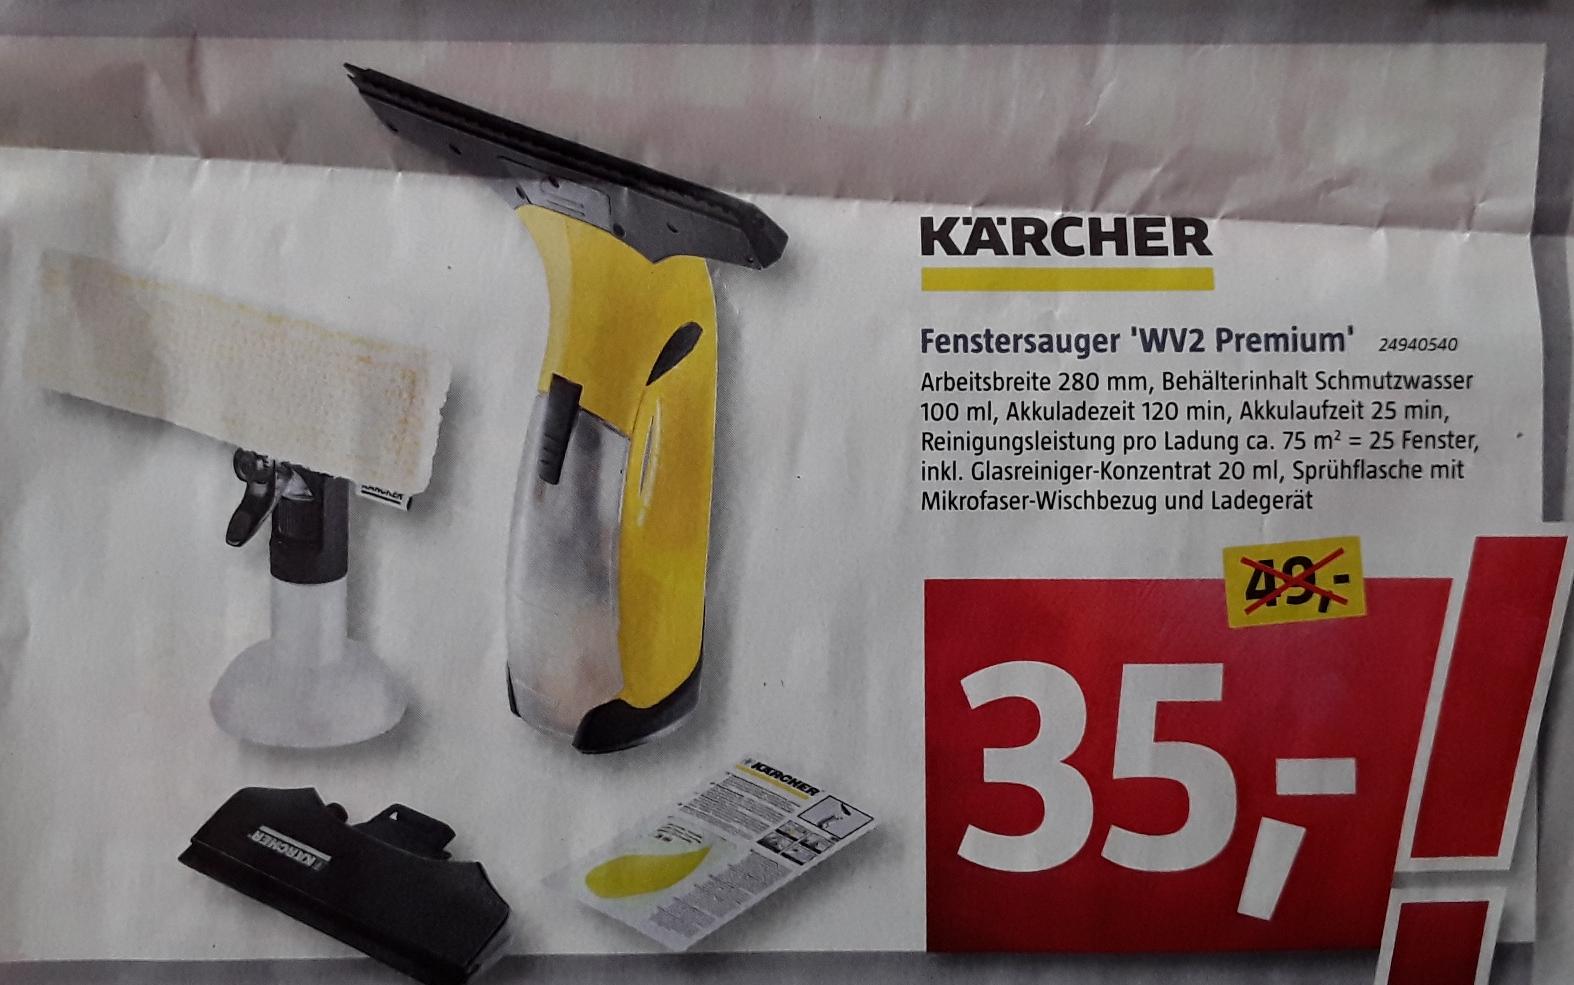 (Lokal Bauhausfilialen München)  Kärcher Fenstersauger WV2 Premium für 35 € / Ersatzschlüssel nachmachen 1€ / Stema PKW-Anhänger 299 €